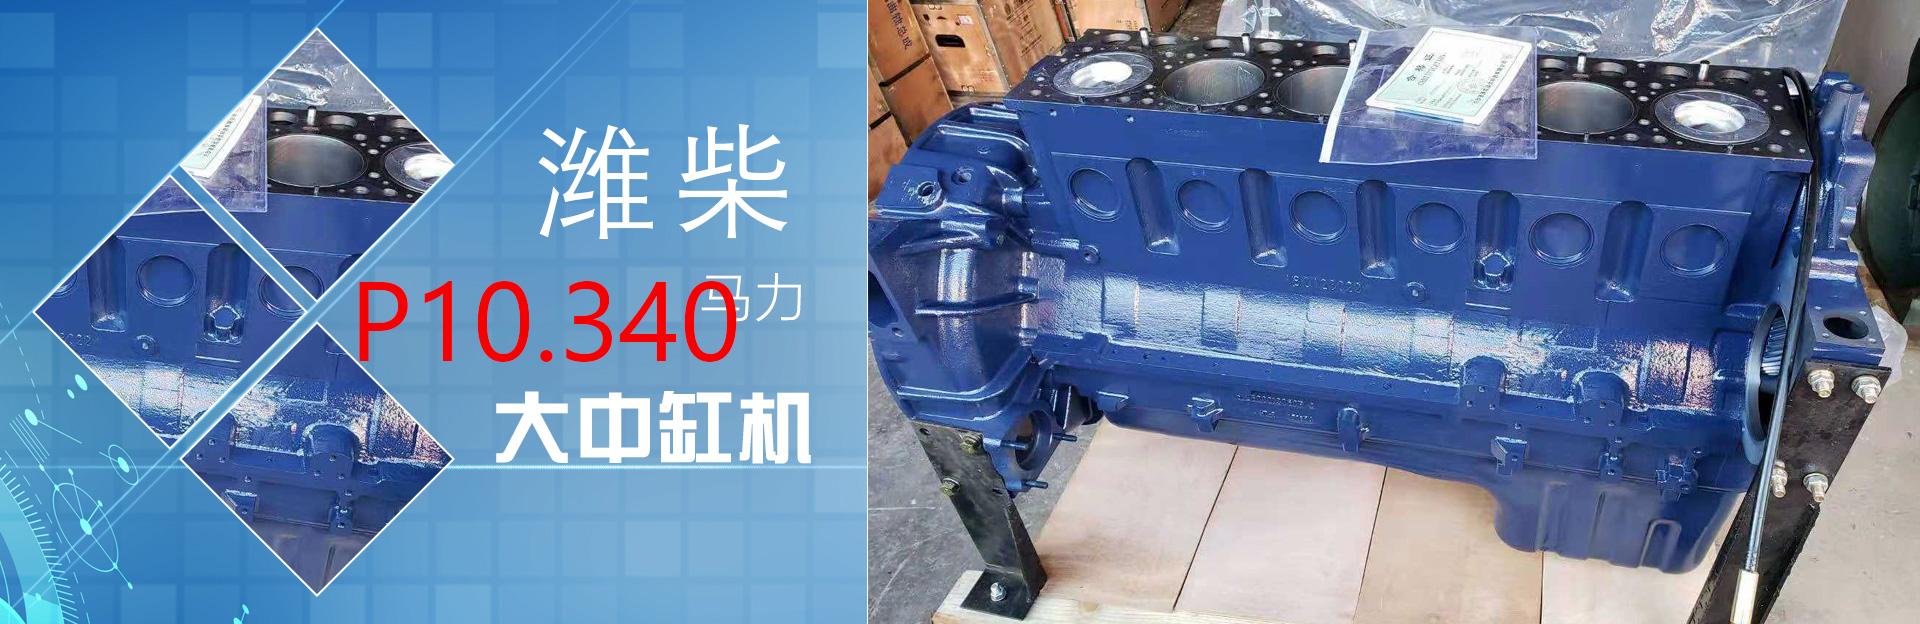 潍柴P10.340马力大中缸机